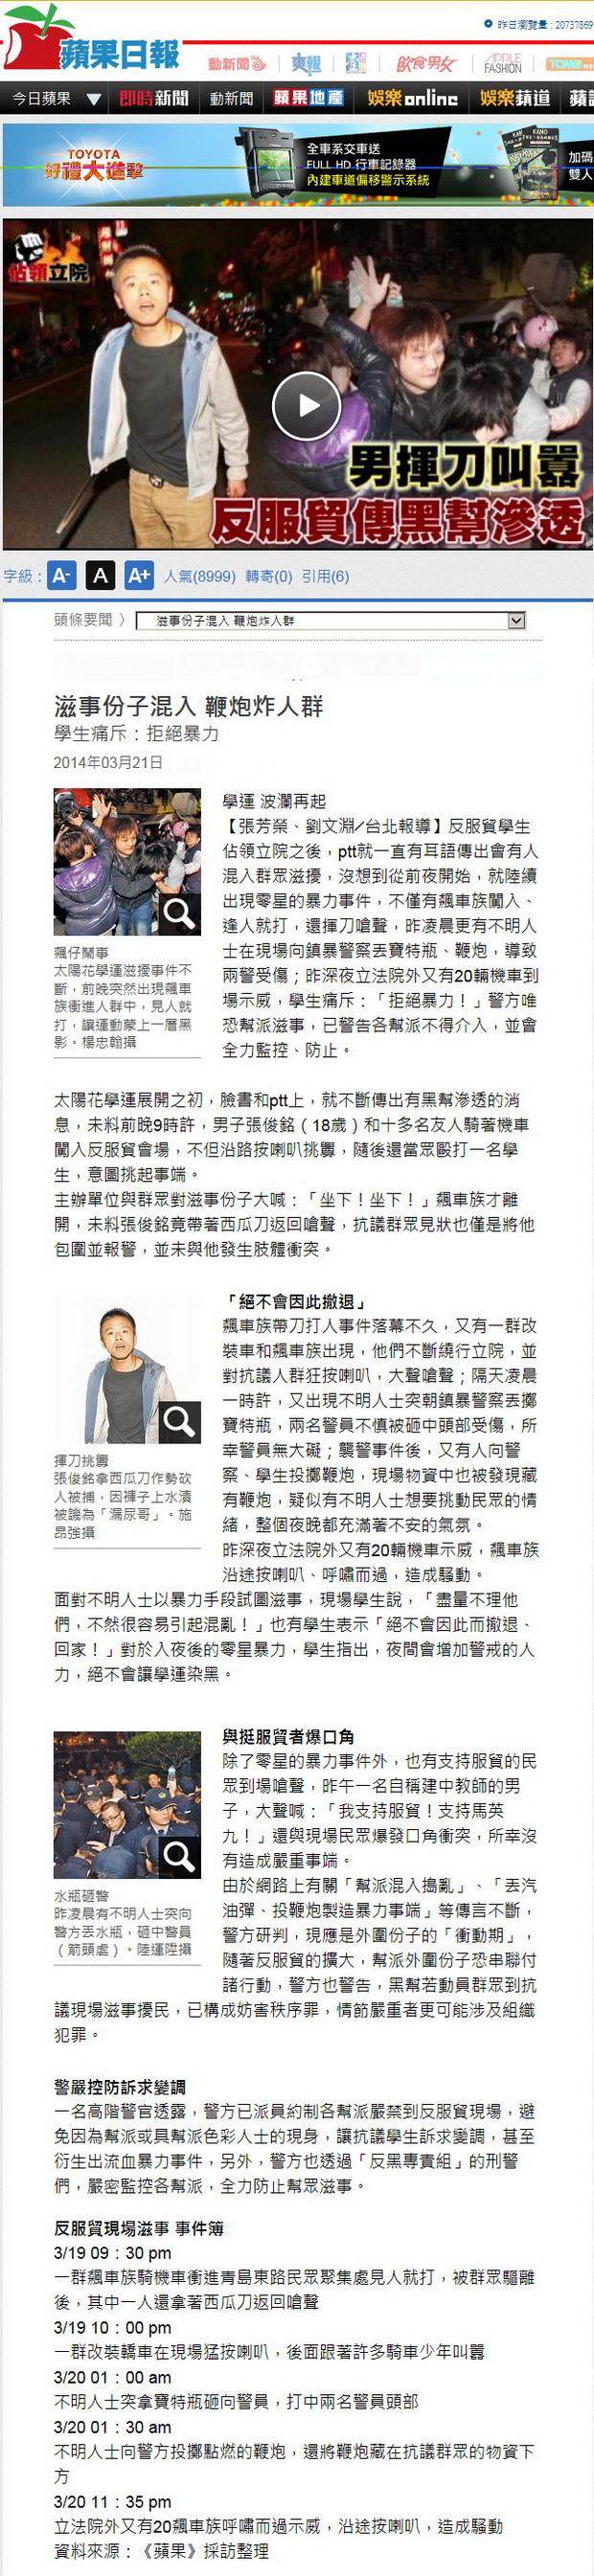 滋事份子混入 鞭炮炸人群-2014.03.21.jpg